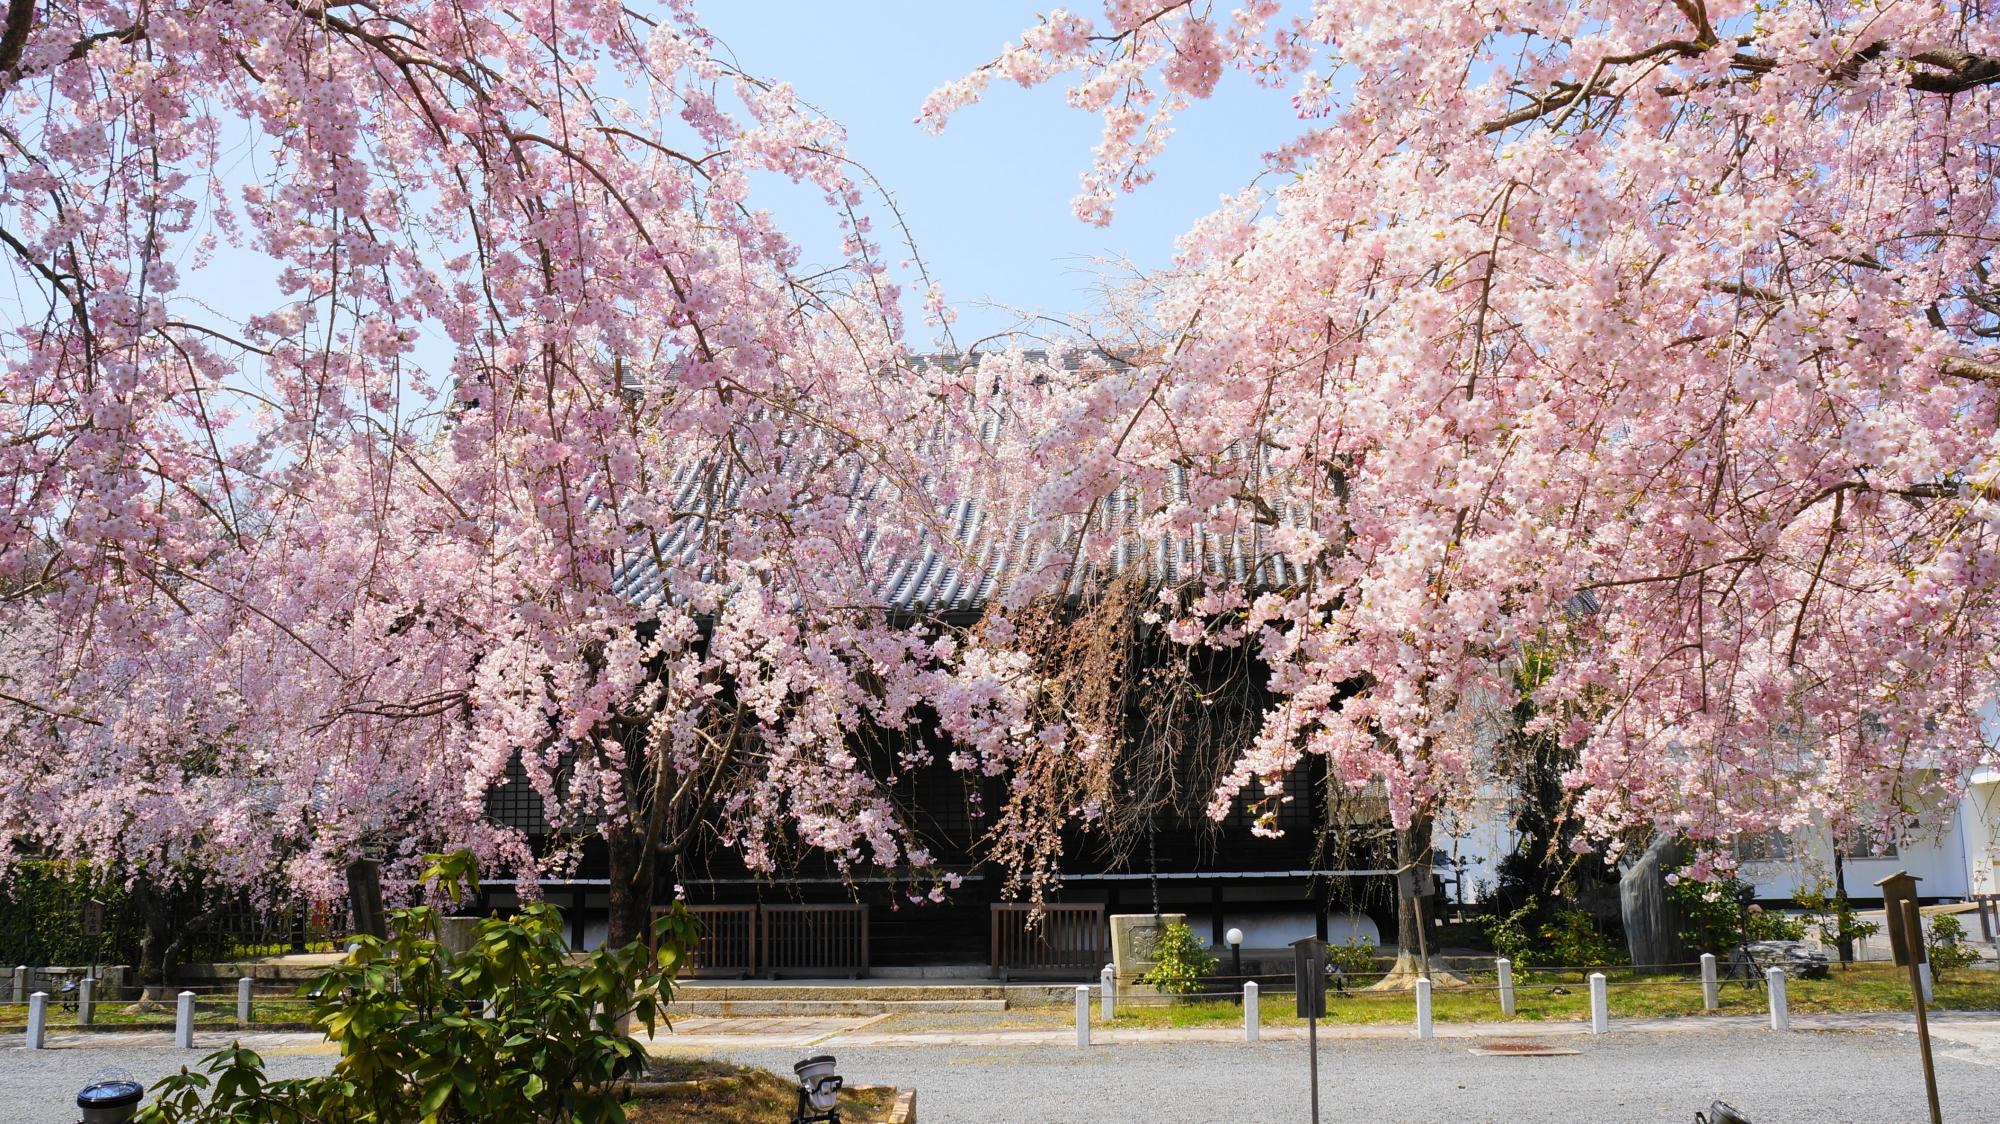 京都洛北の隠れた桜の名所の妙満寺